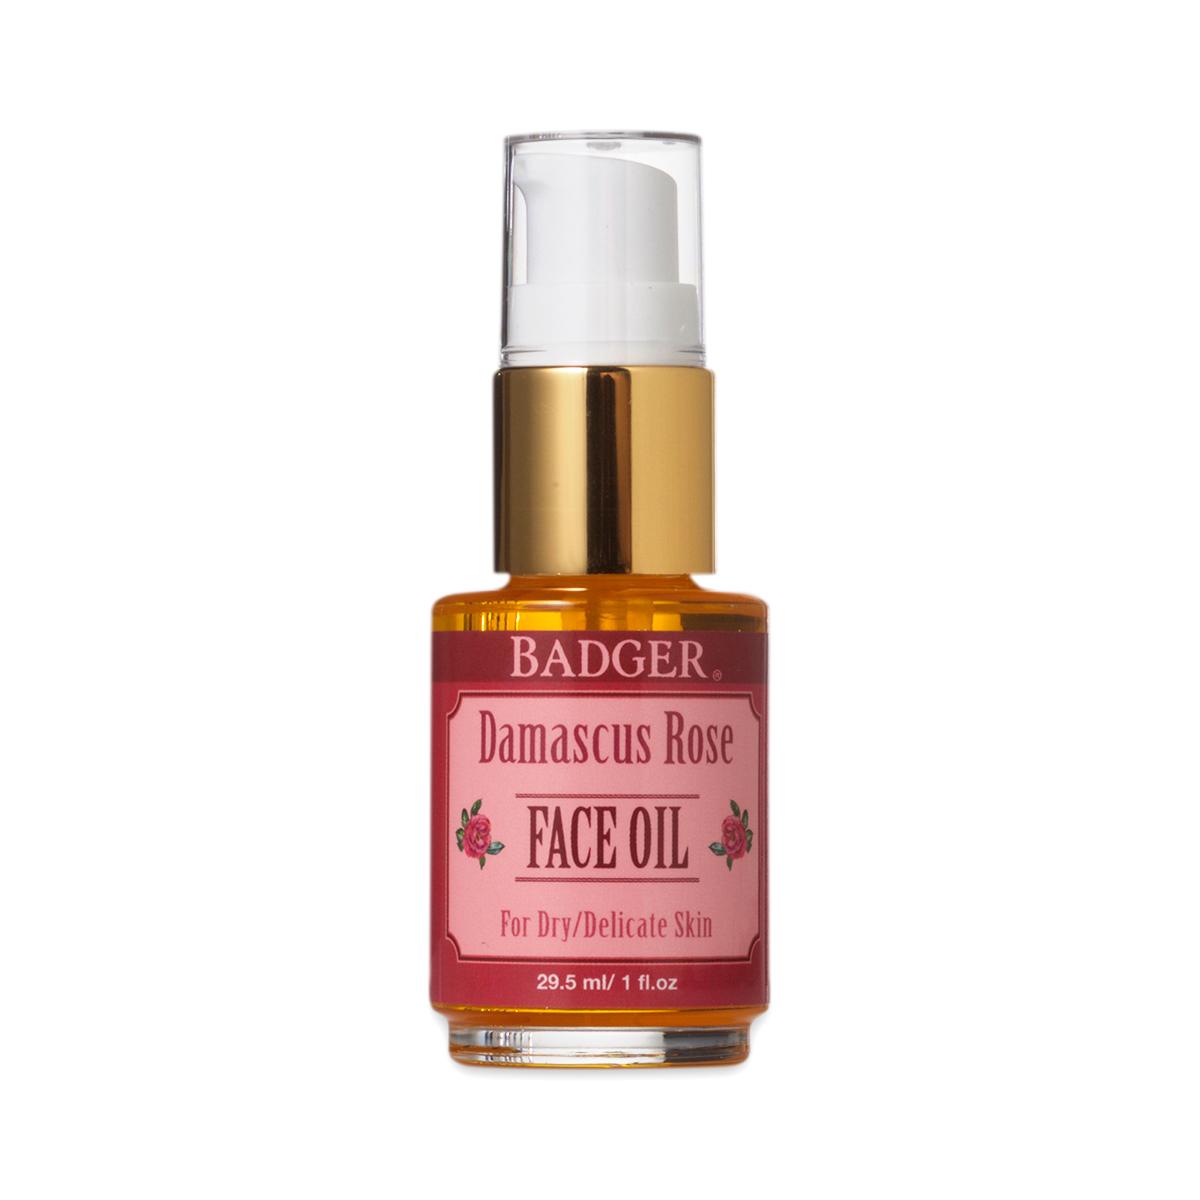 Badger Damascus Rose Face Oil 1 fl. oz bottle